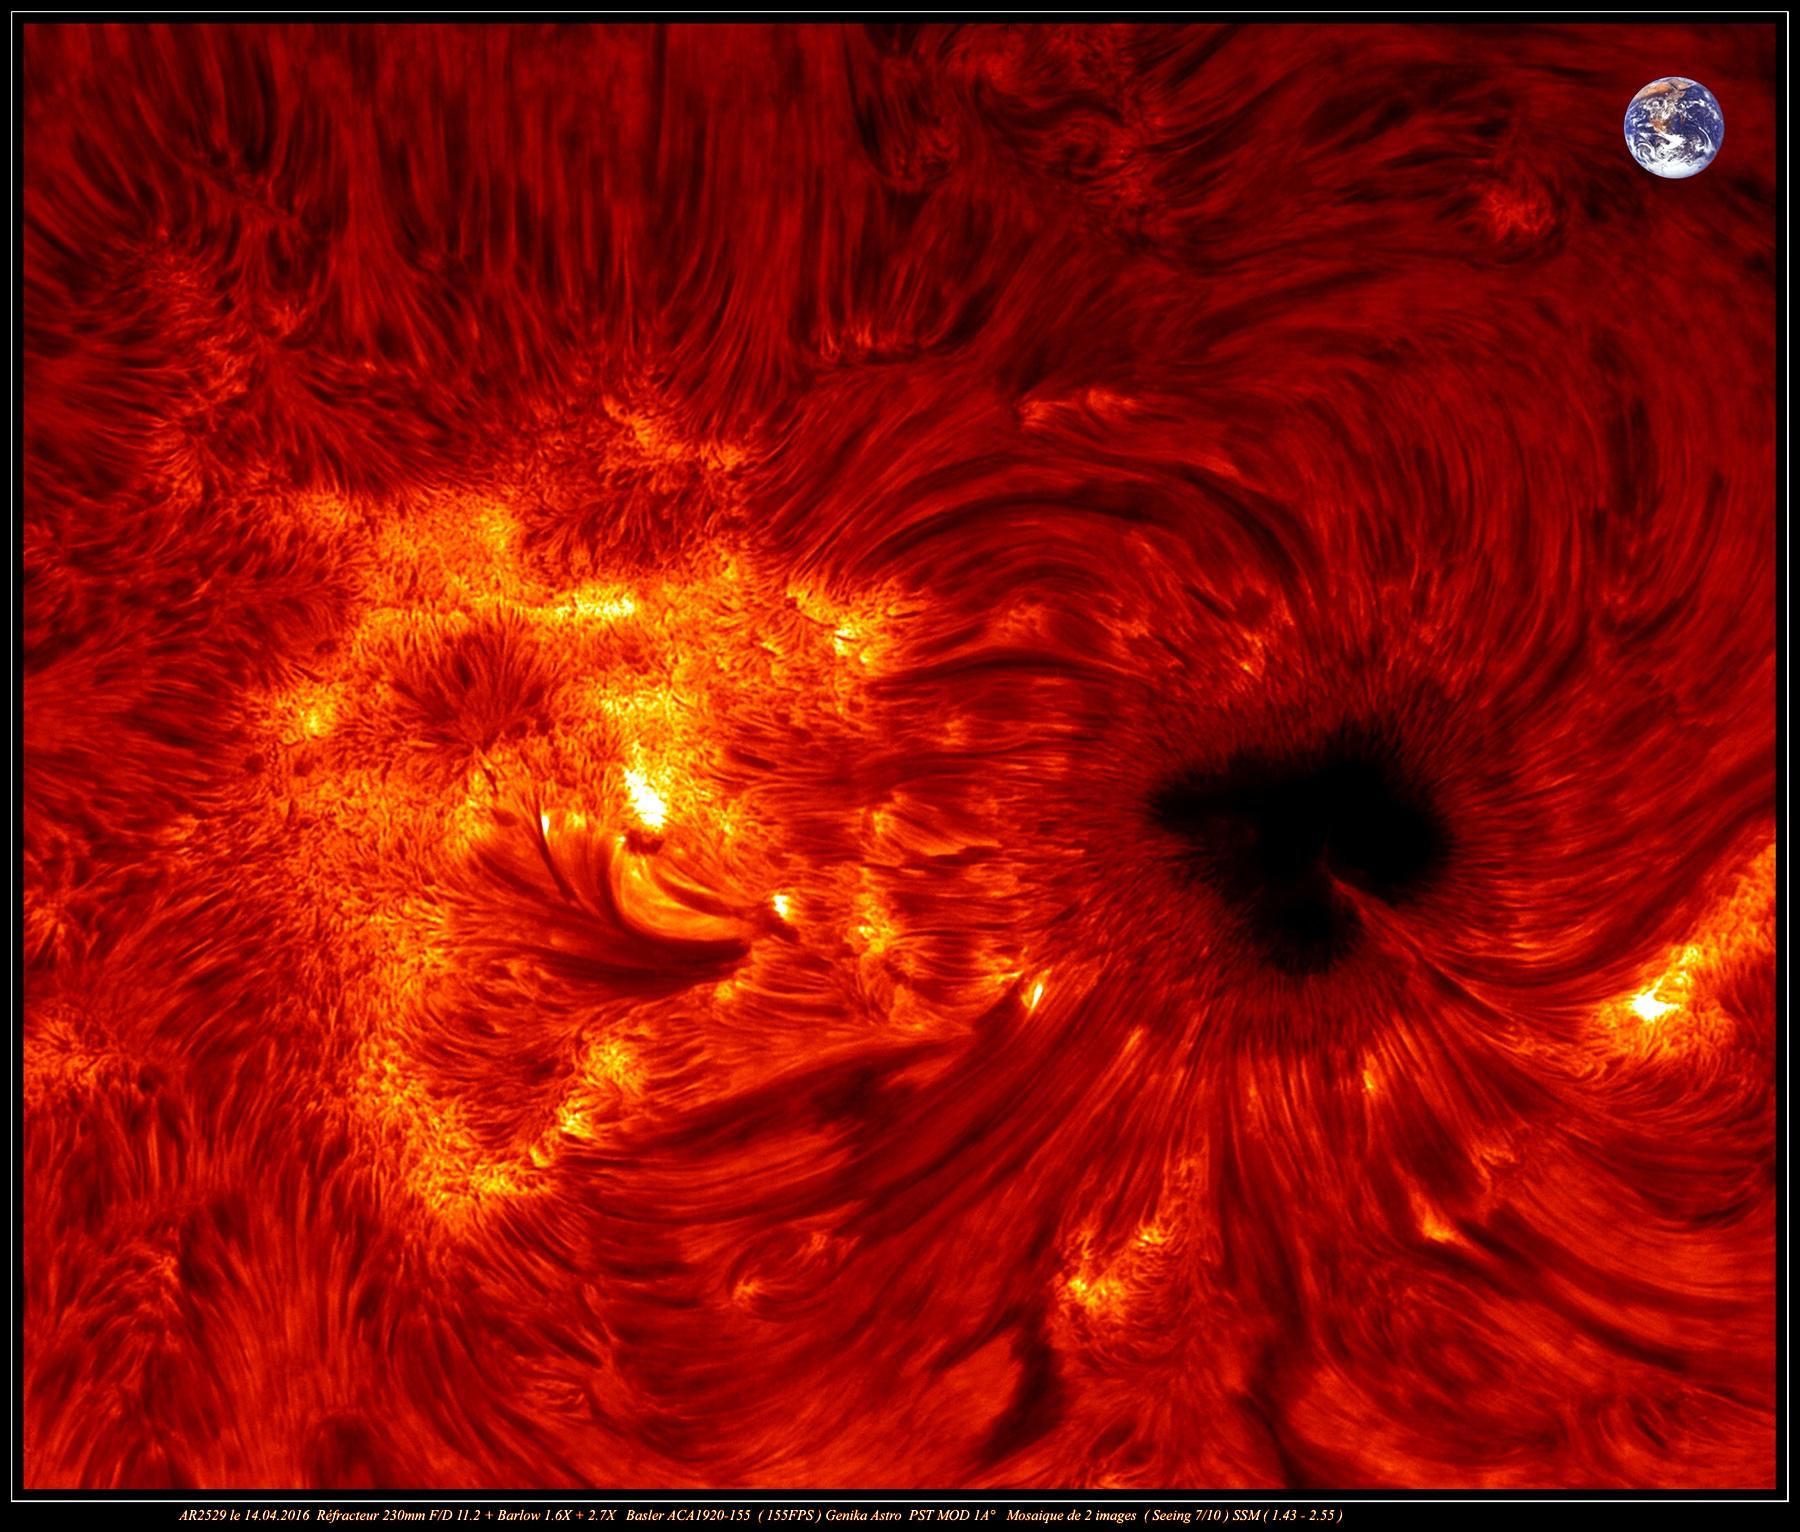 4d56e3a1a7f767aea2270dbc187b57a6.16536x16536_q100_watermark.jpg